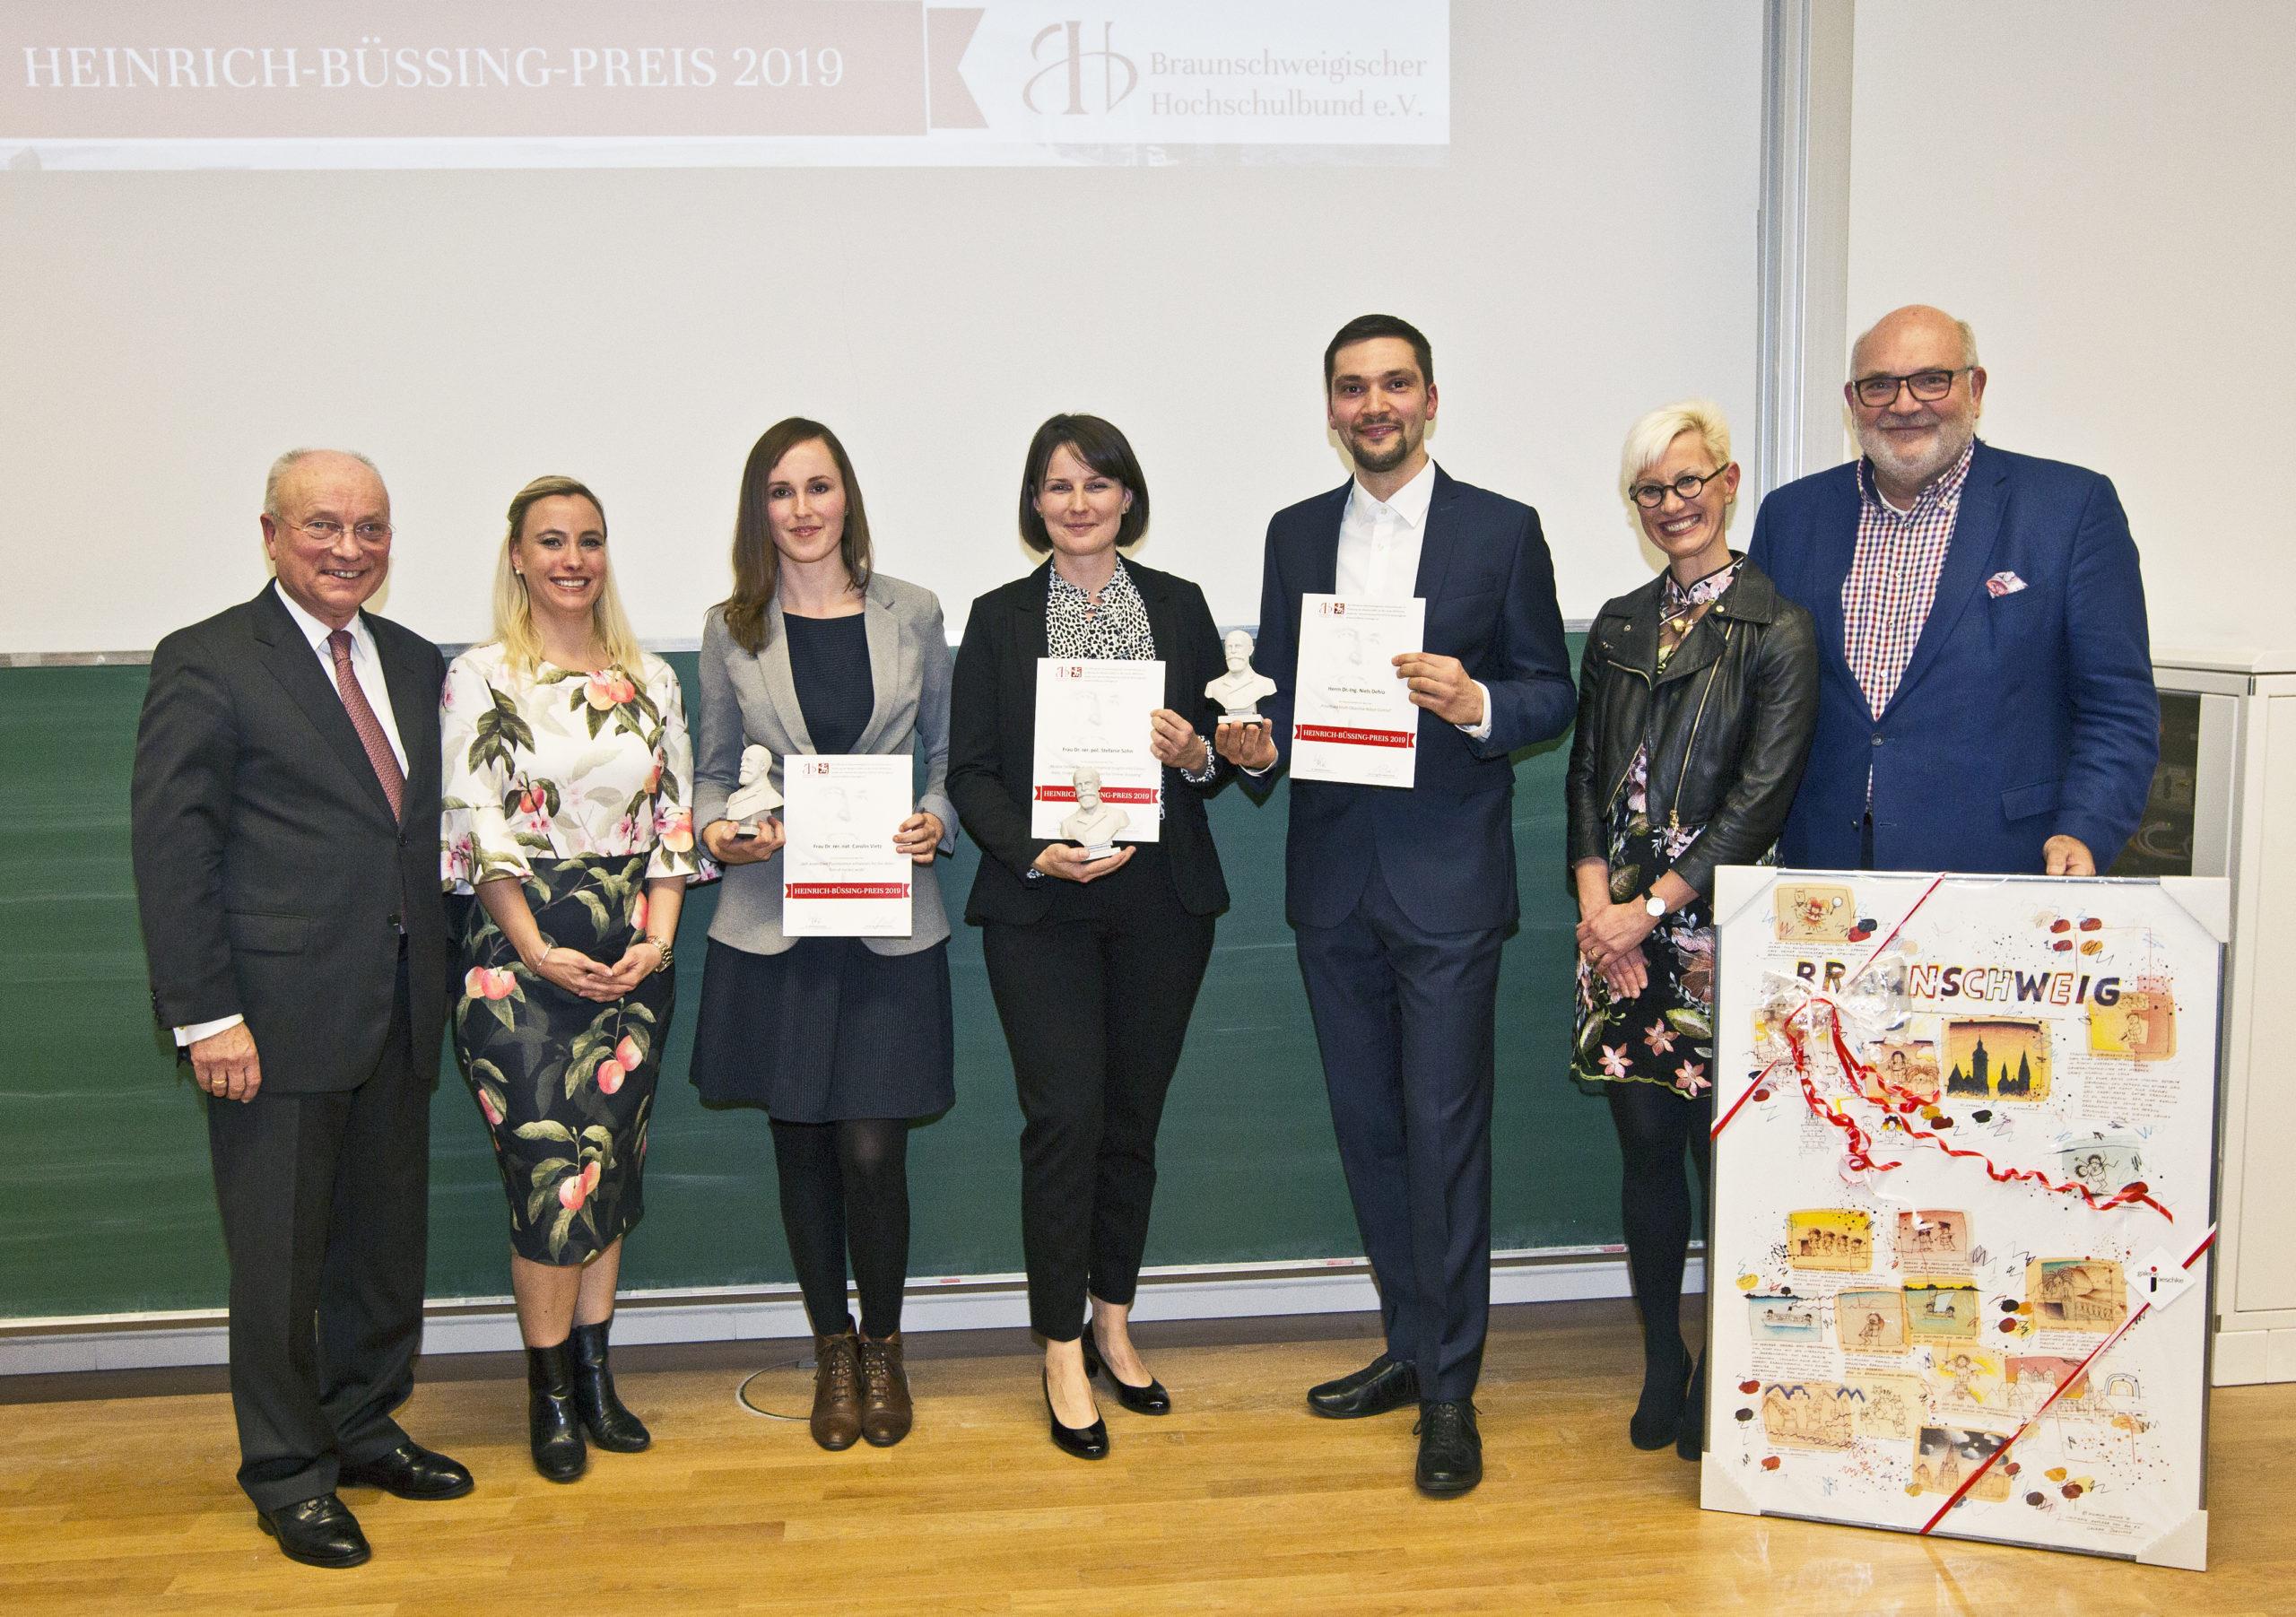 Heinrich-Büssing-Preisverleihung 2019